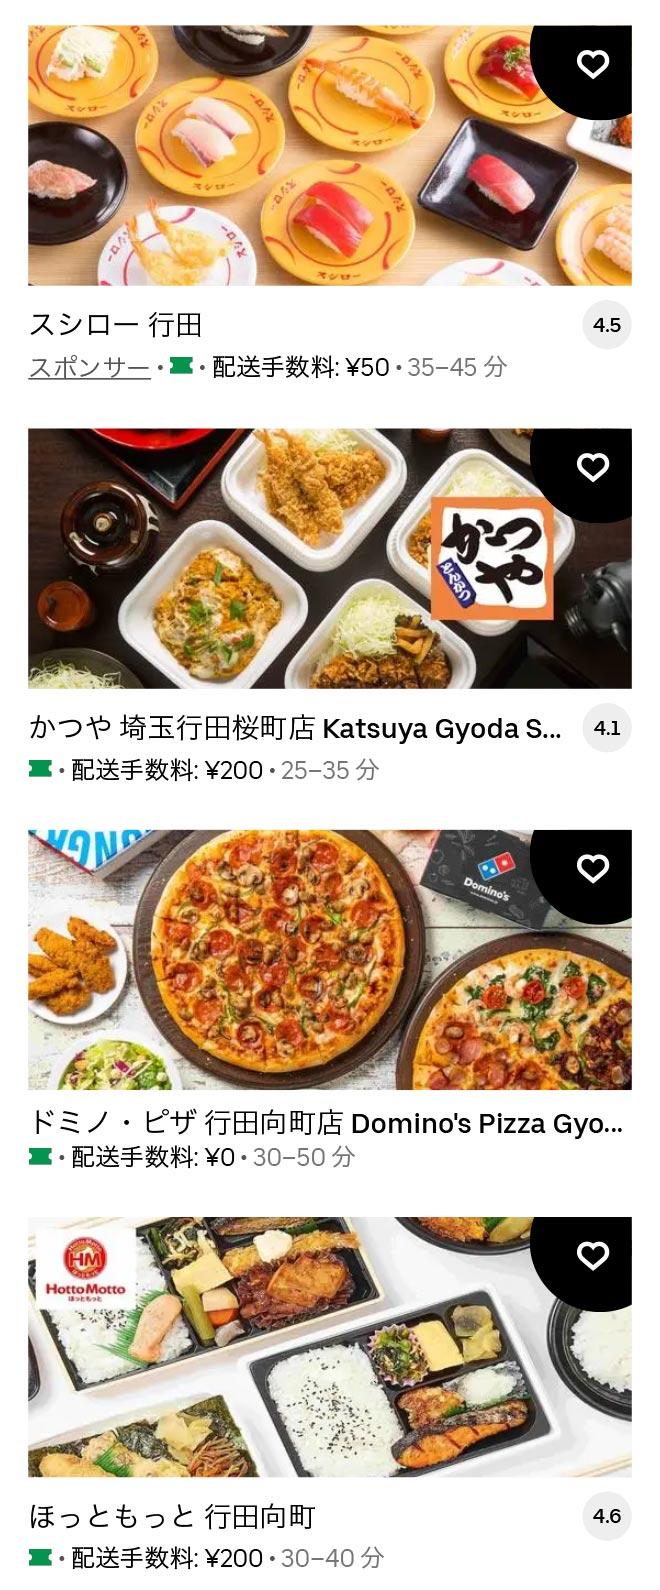 Gyouda shi menu 2102 1